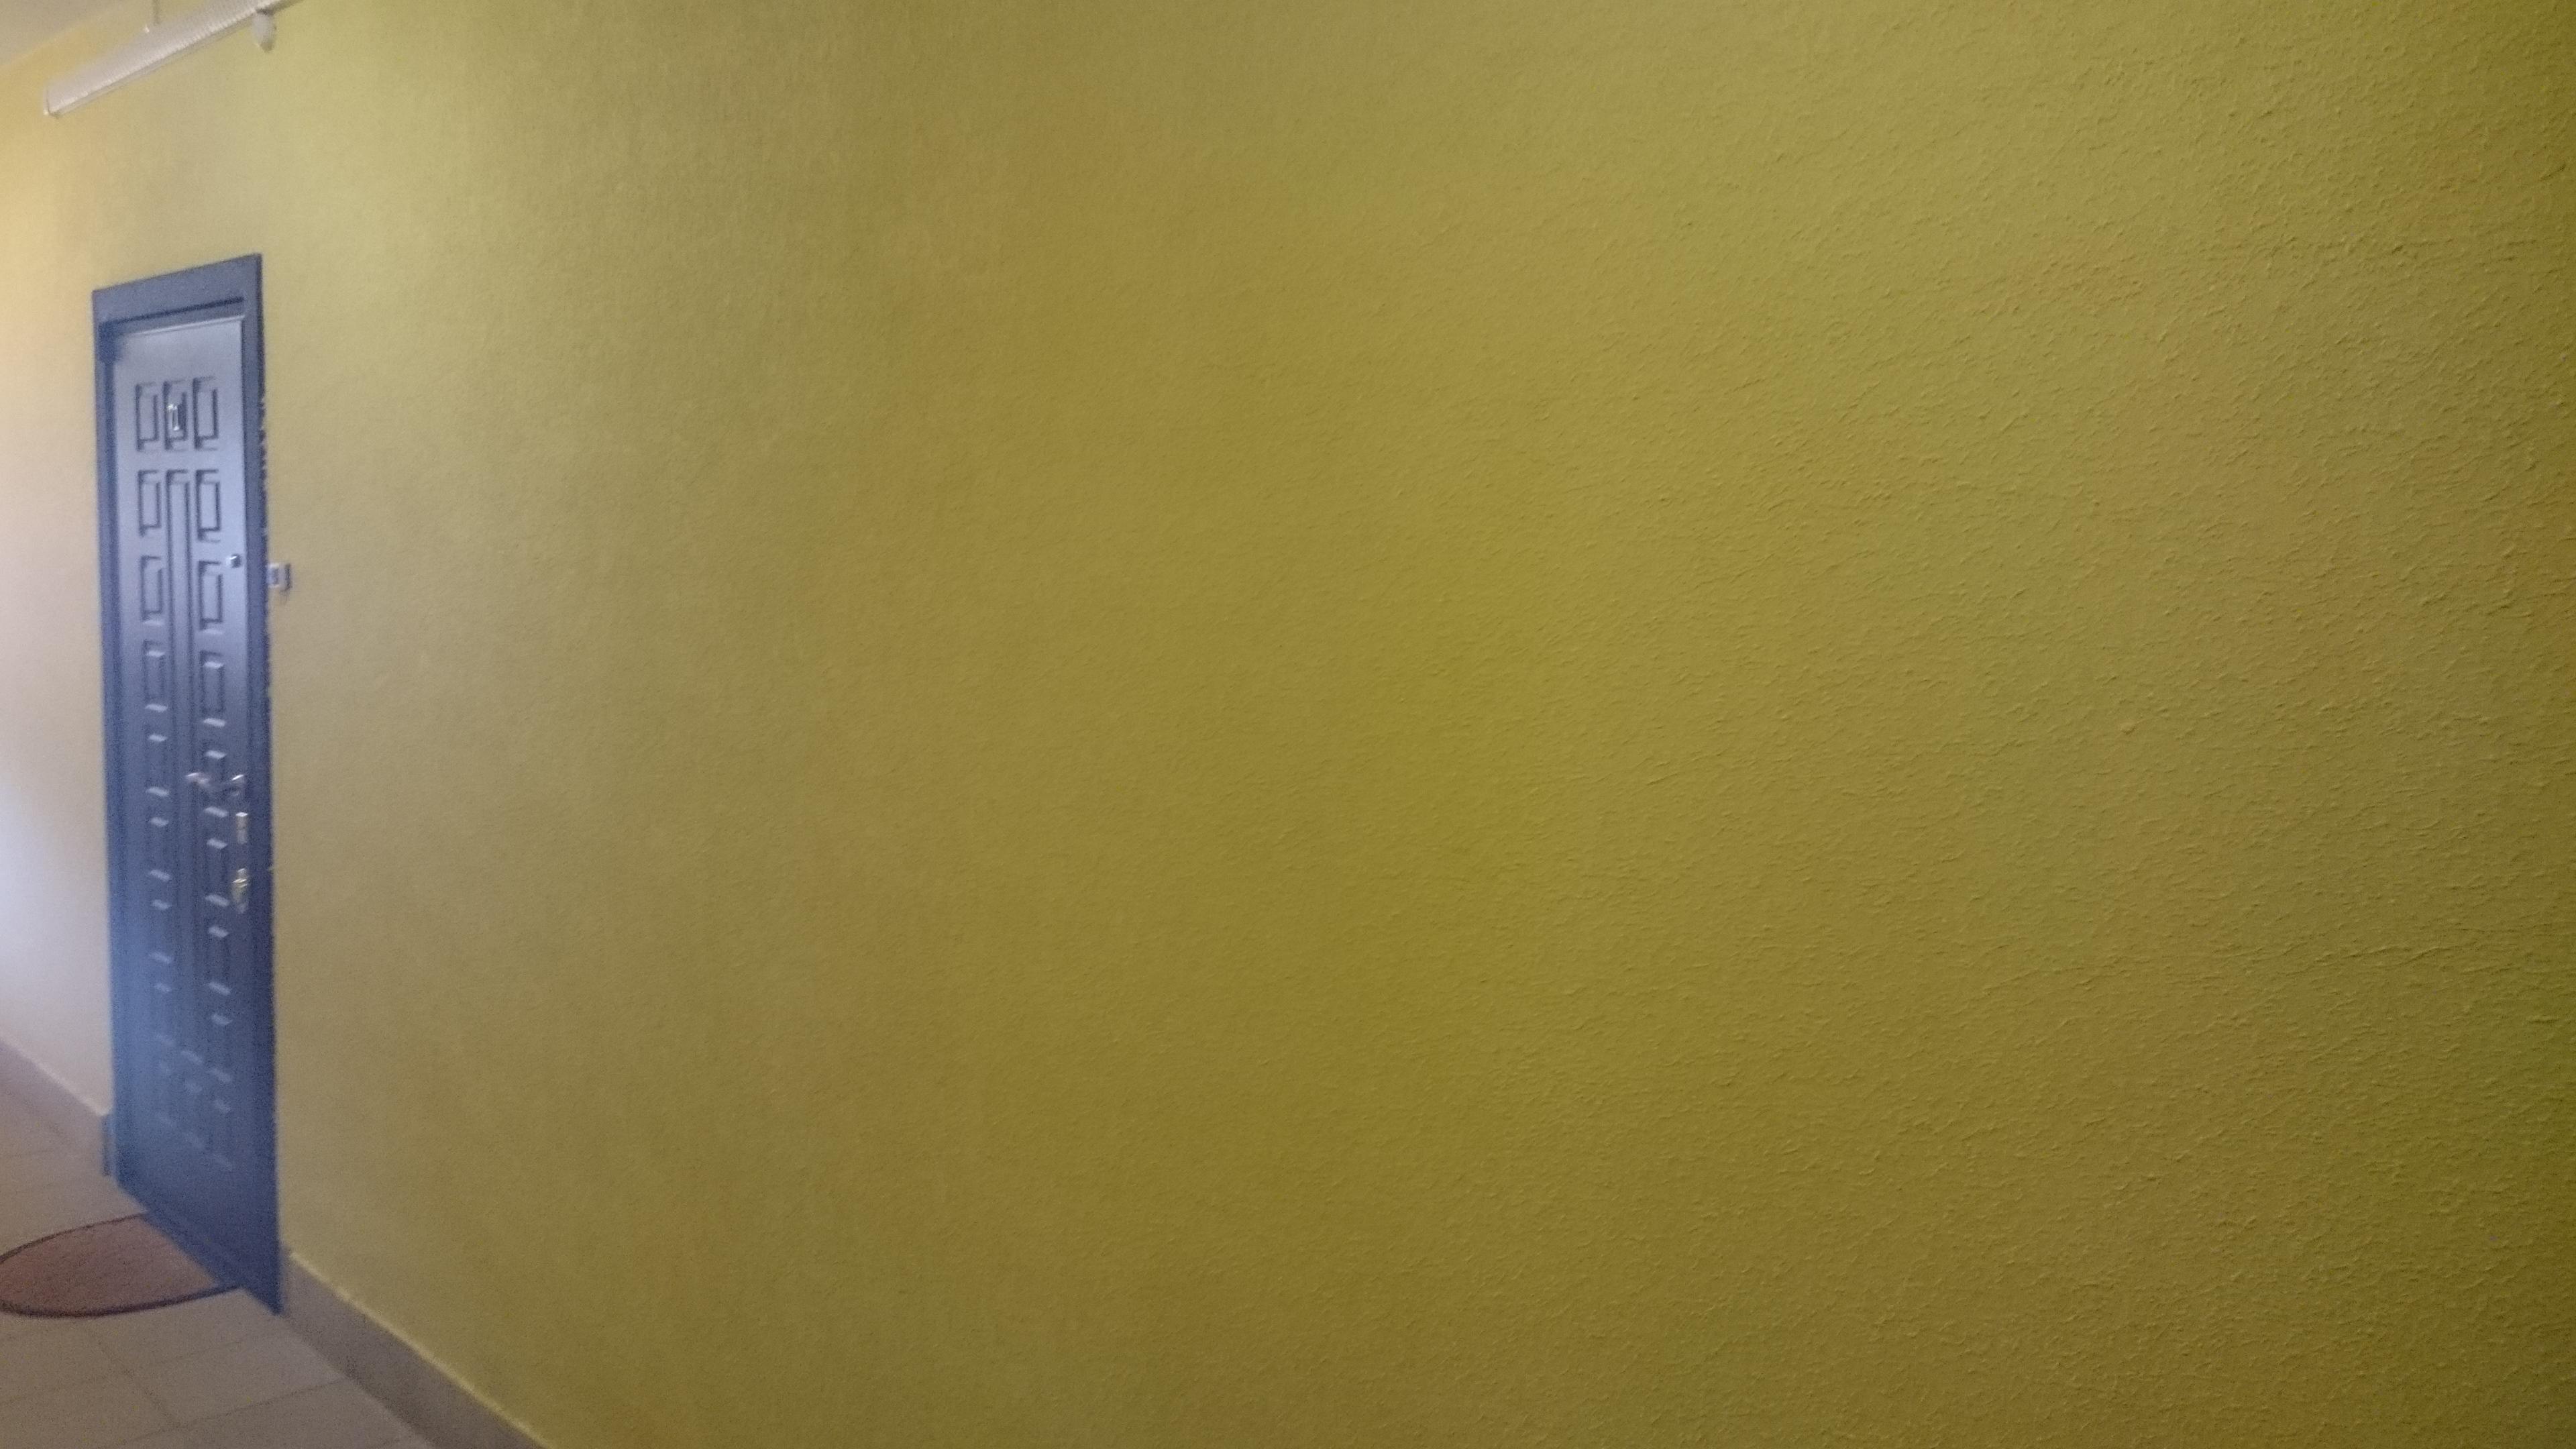 можно, нормально обои под покраску джокер фото араса-известная певица